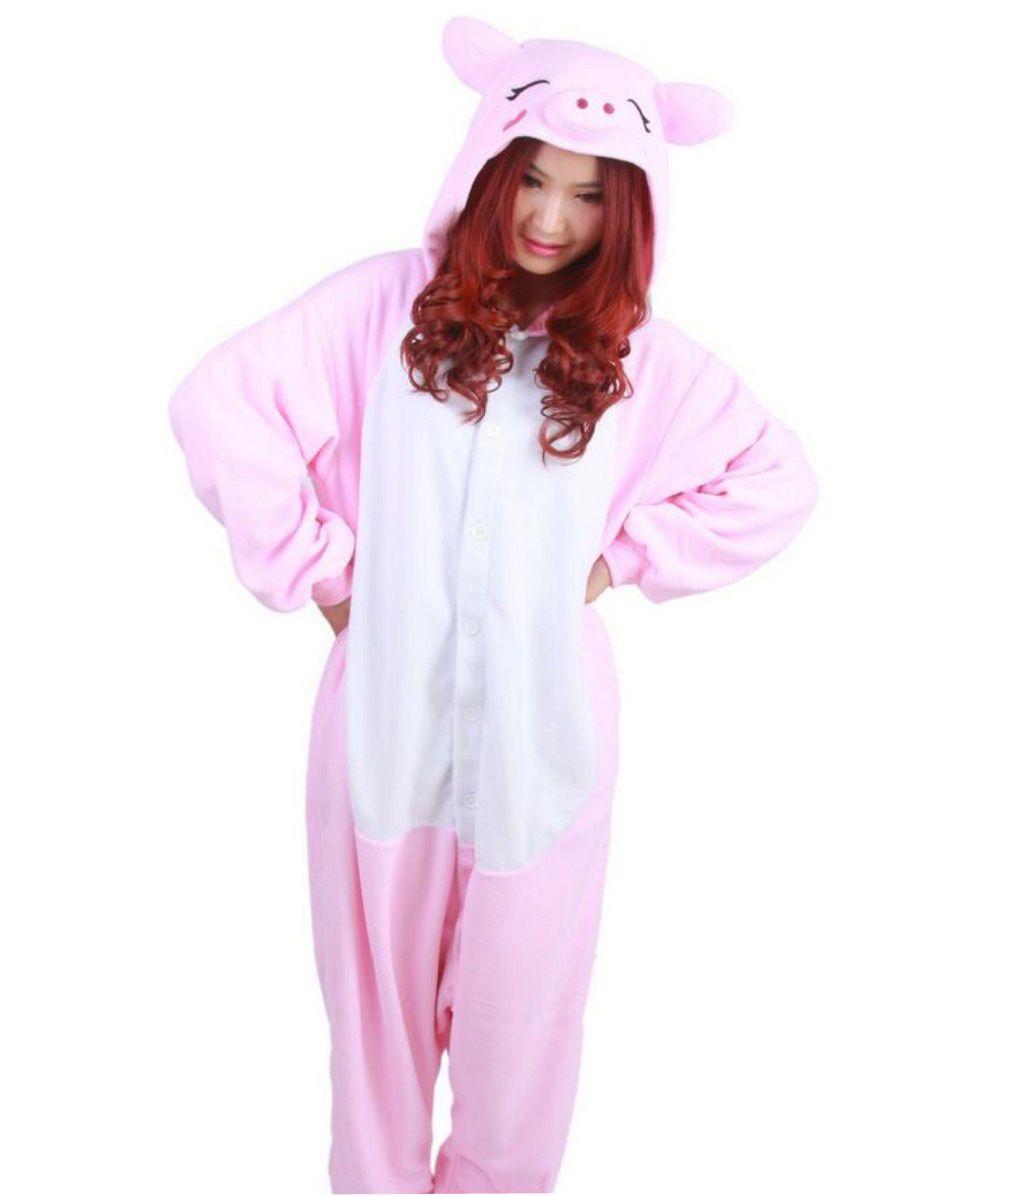 a70ae6795b Compre Pink Pig Stock Calientes Unicornio Kigurumi Pijamas Trajes De  Animales Cosplay Disfraz De Halloween Ropa Para Adultos Monos De Dibujos  Animados Ropa ...